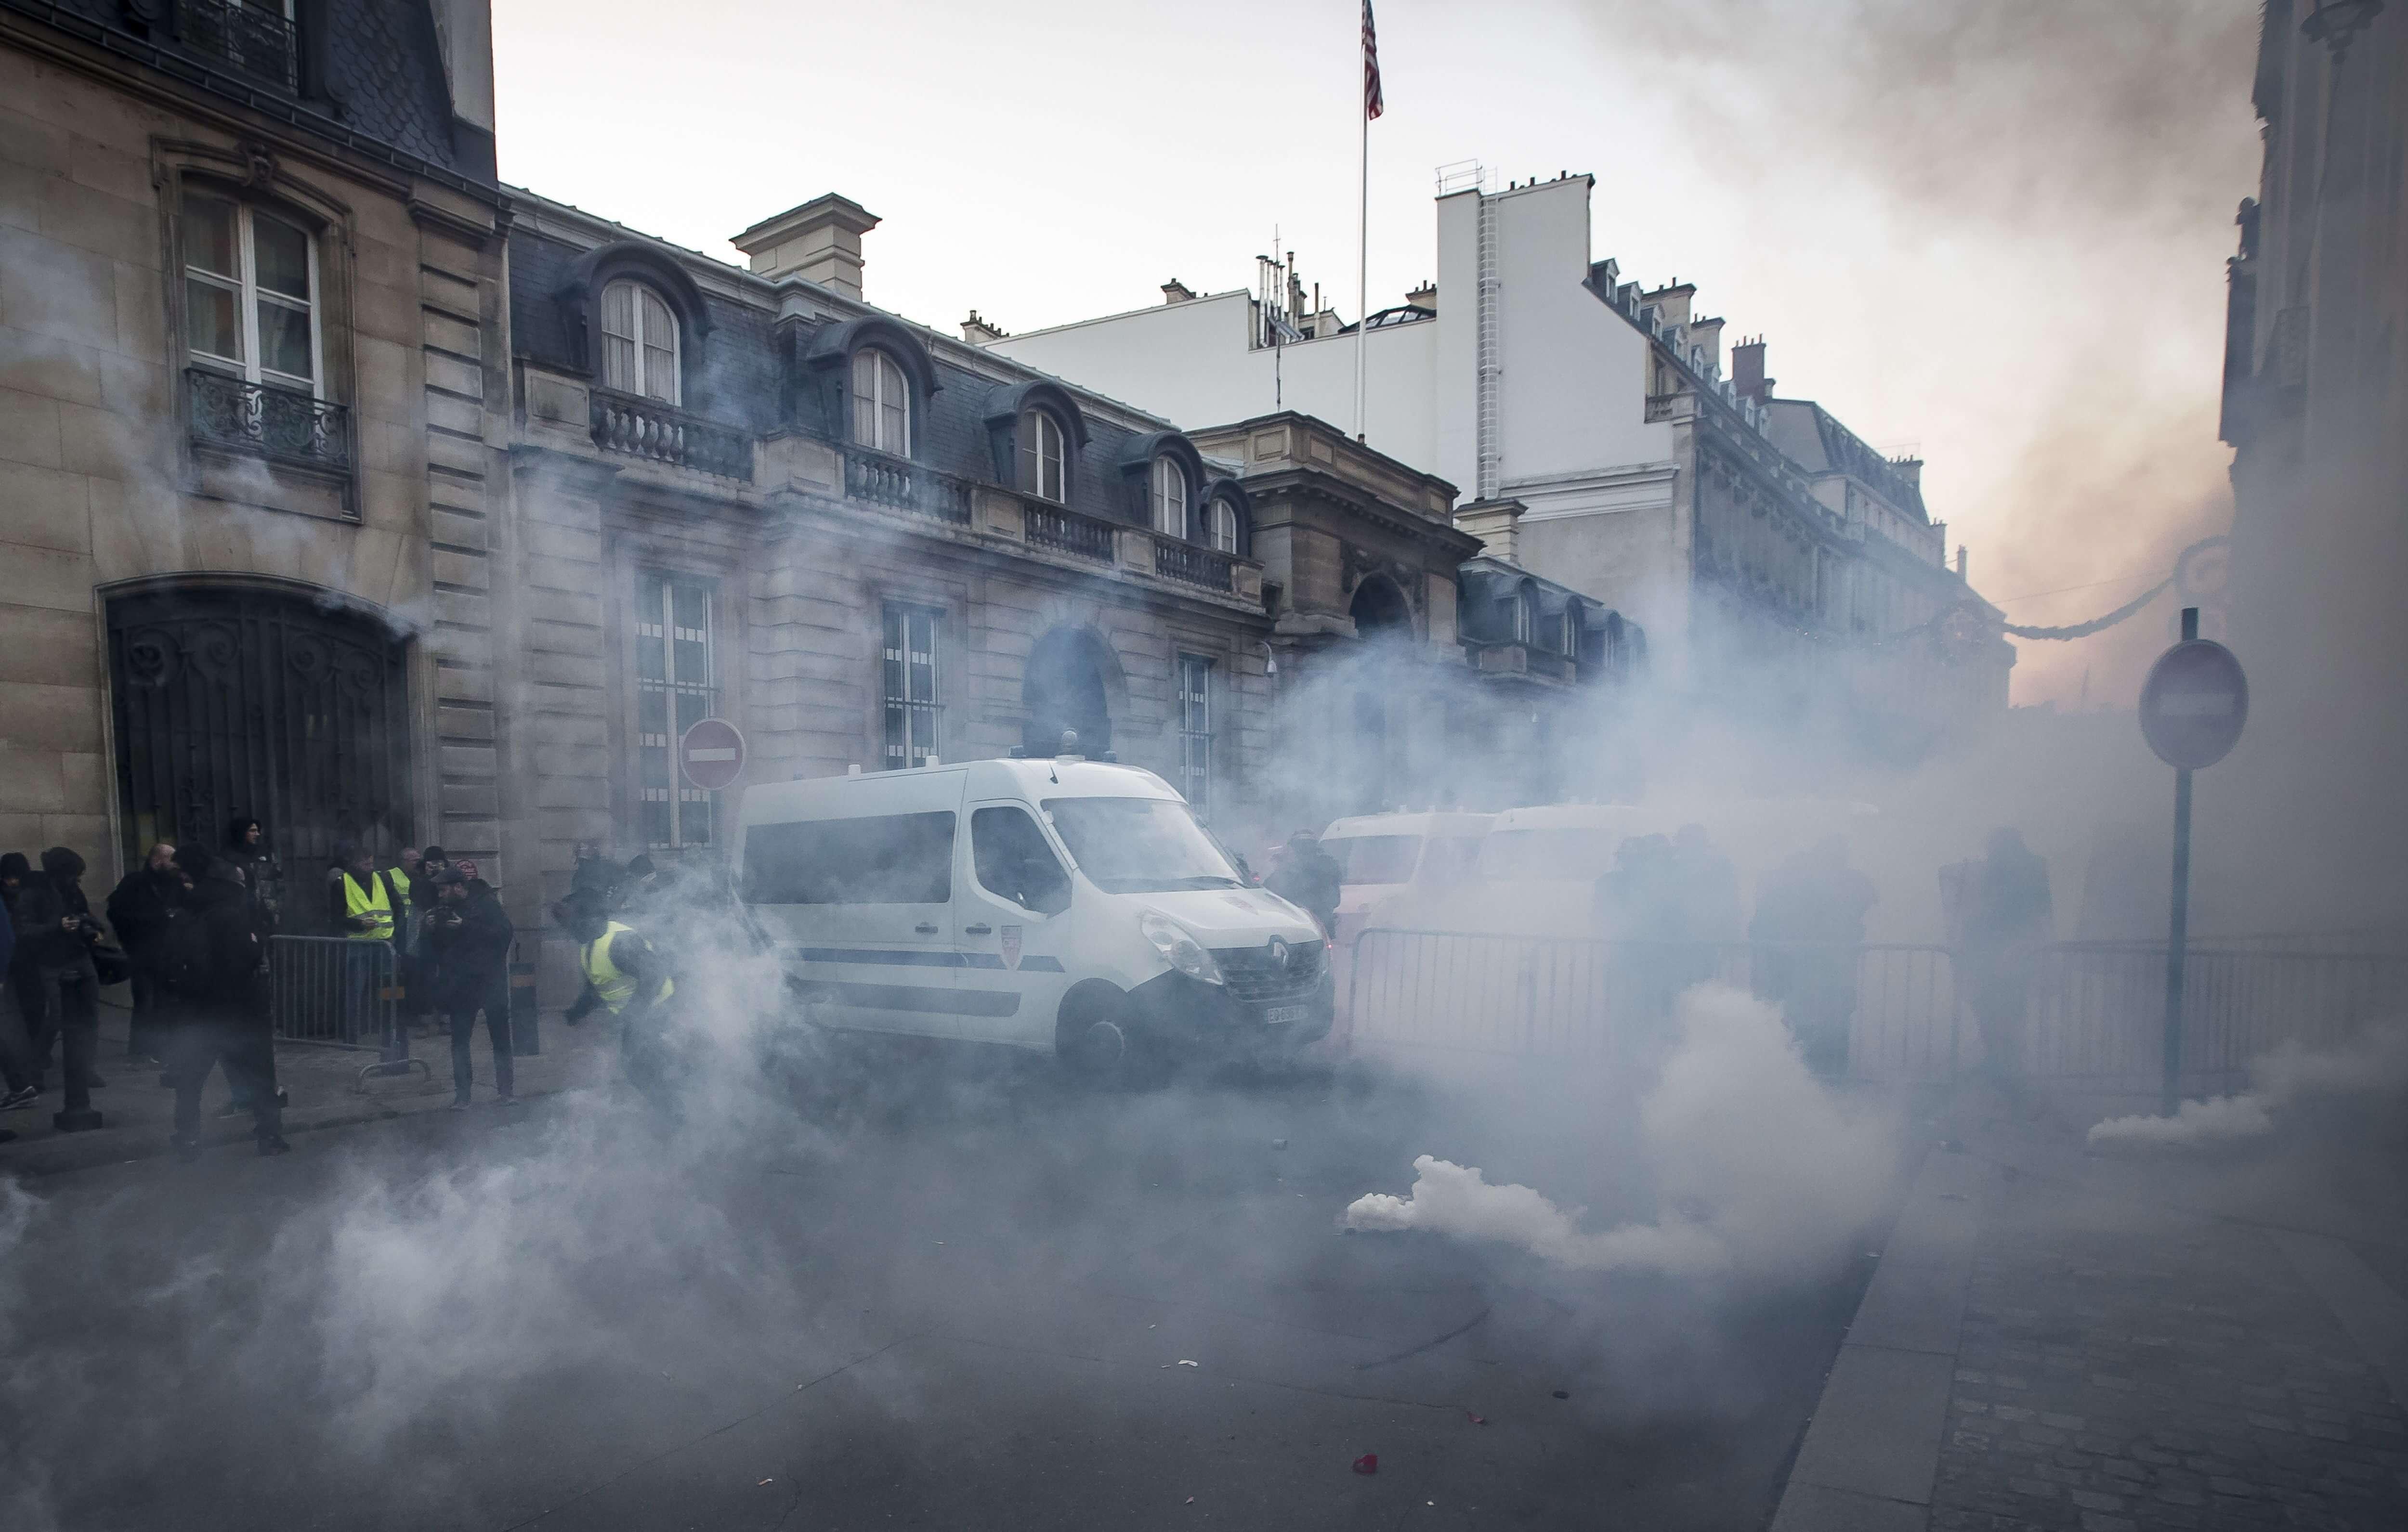 Francia: 227 heridos y 117 detenidos tras protestas contra 'gasolinazo'